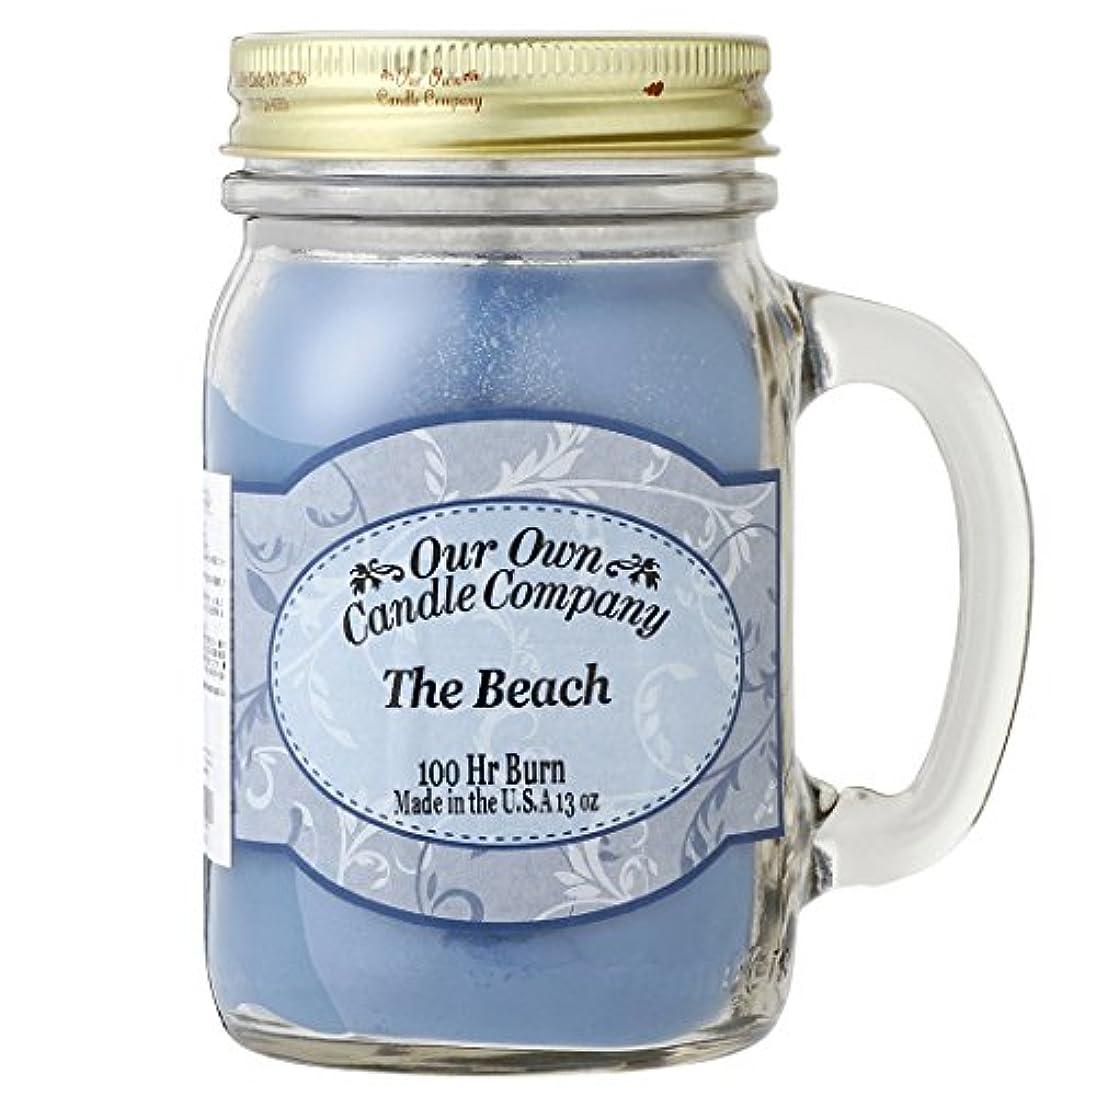 ガイドラインのために良さOur Own Candle Company メイソンジャーキャンドル ラージサイズ ザ?ビーチ OU100119